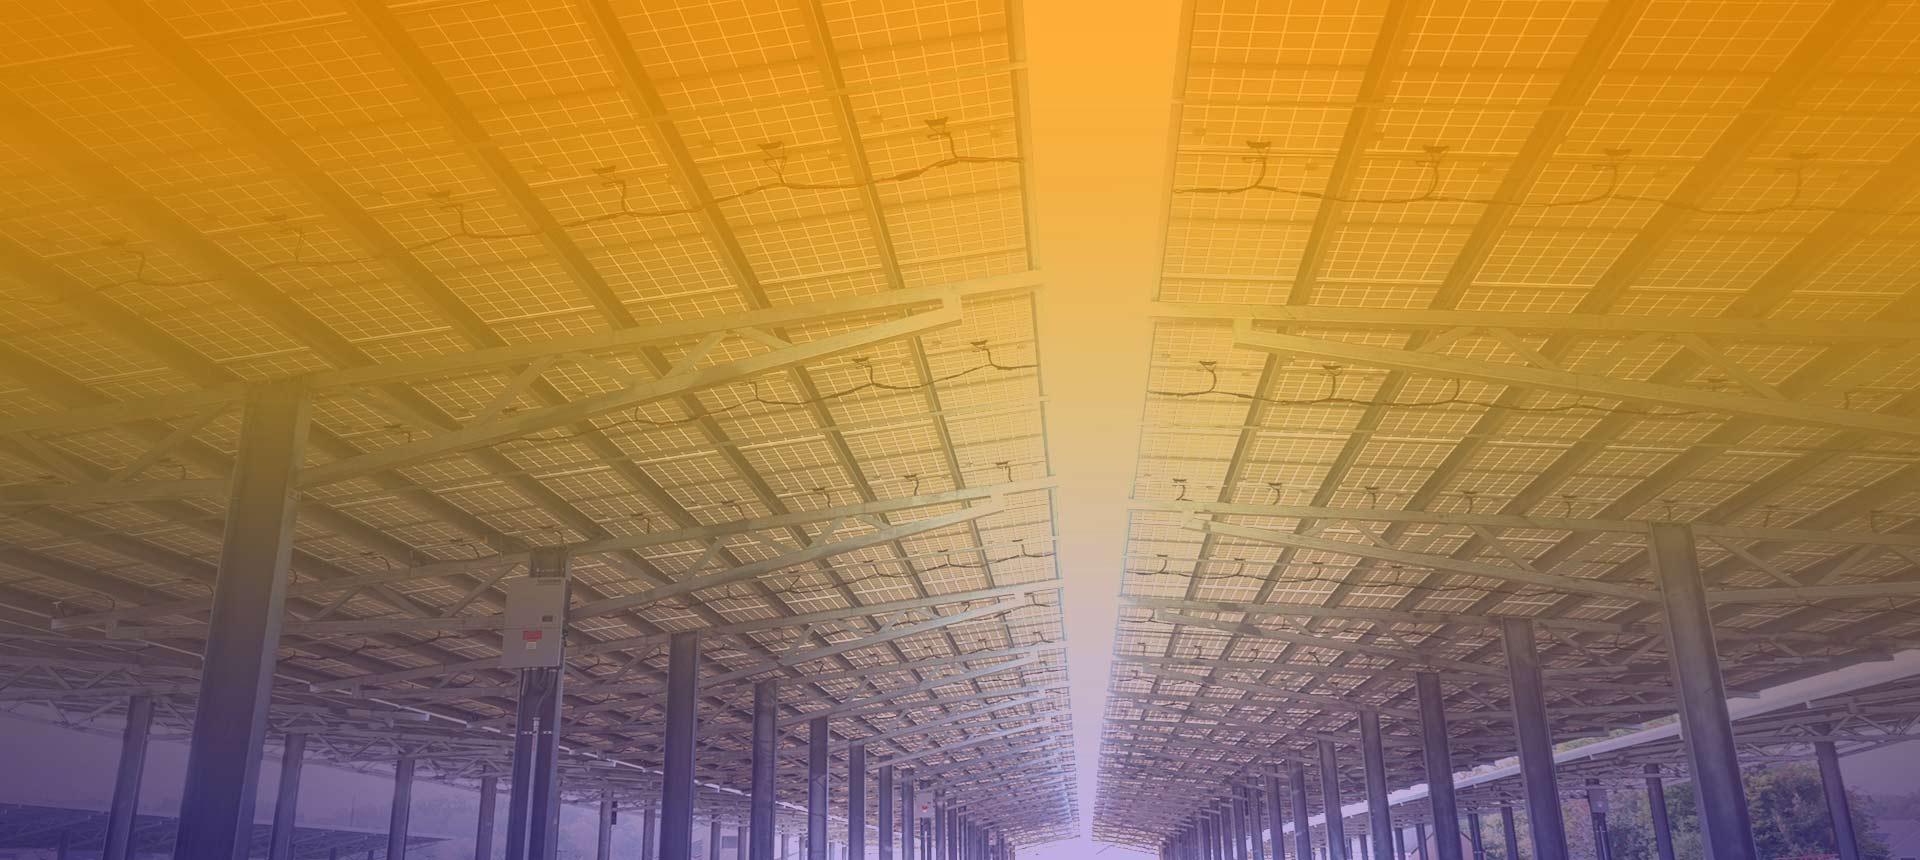 Solar carport installation photo of 1.7 Megawatt solar array completed in September of 2017